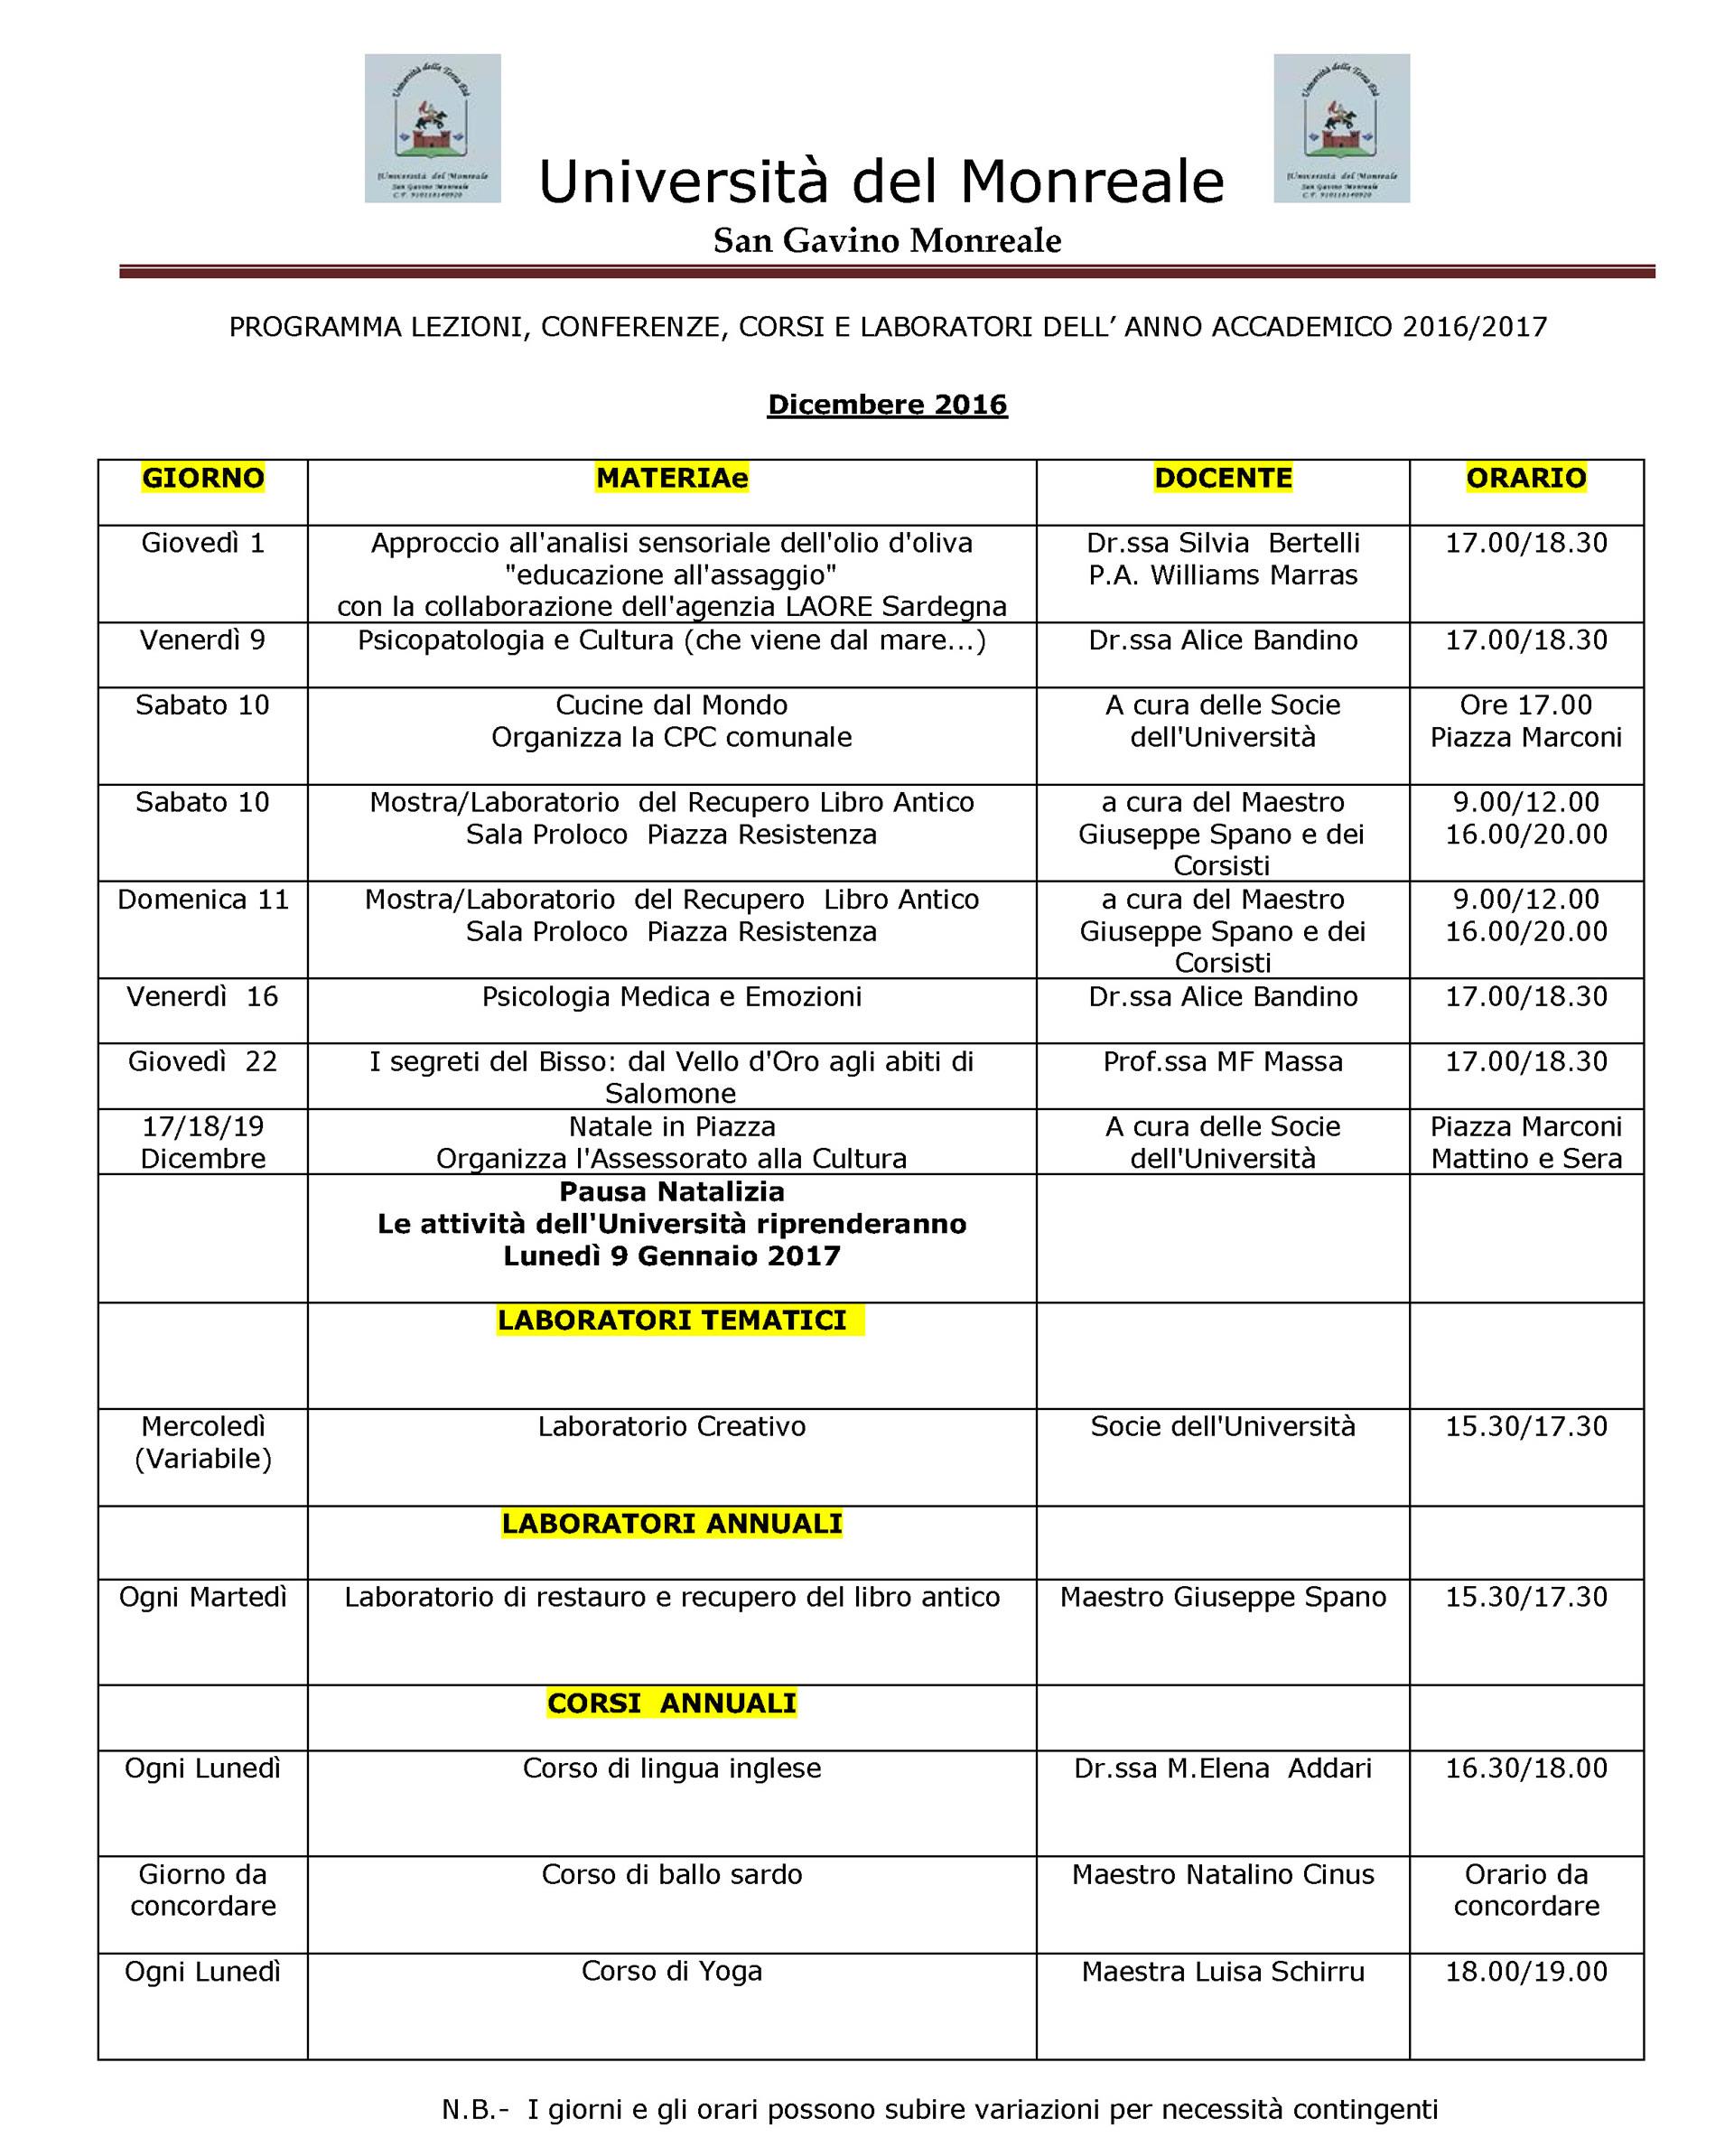 Università del Monreale: lezioni nel mese di Dicembre 2016